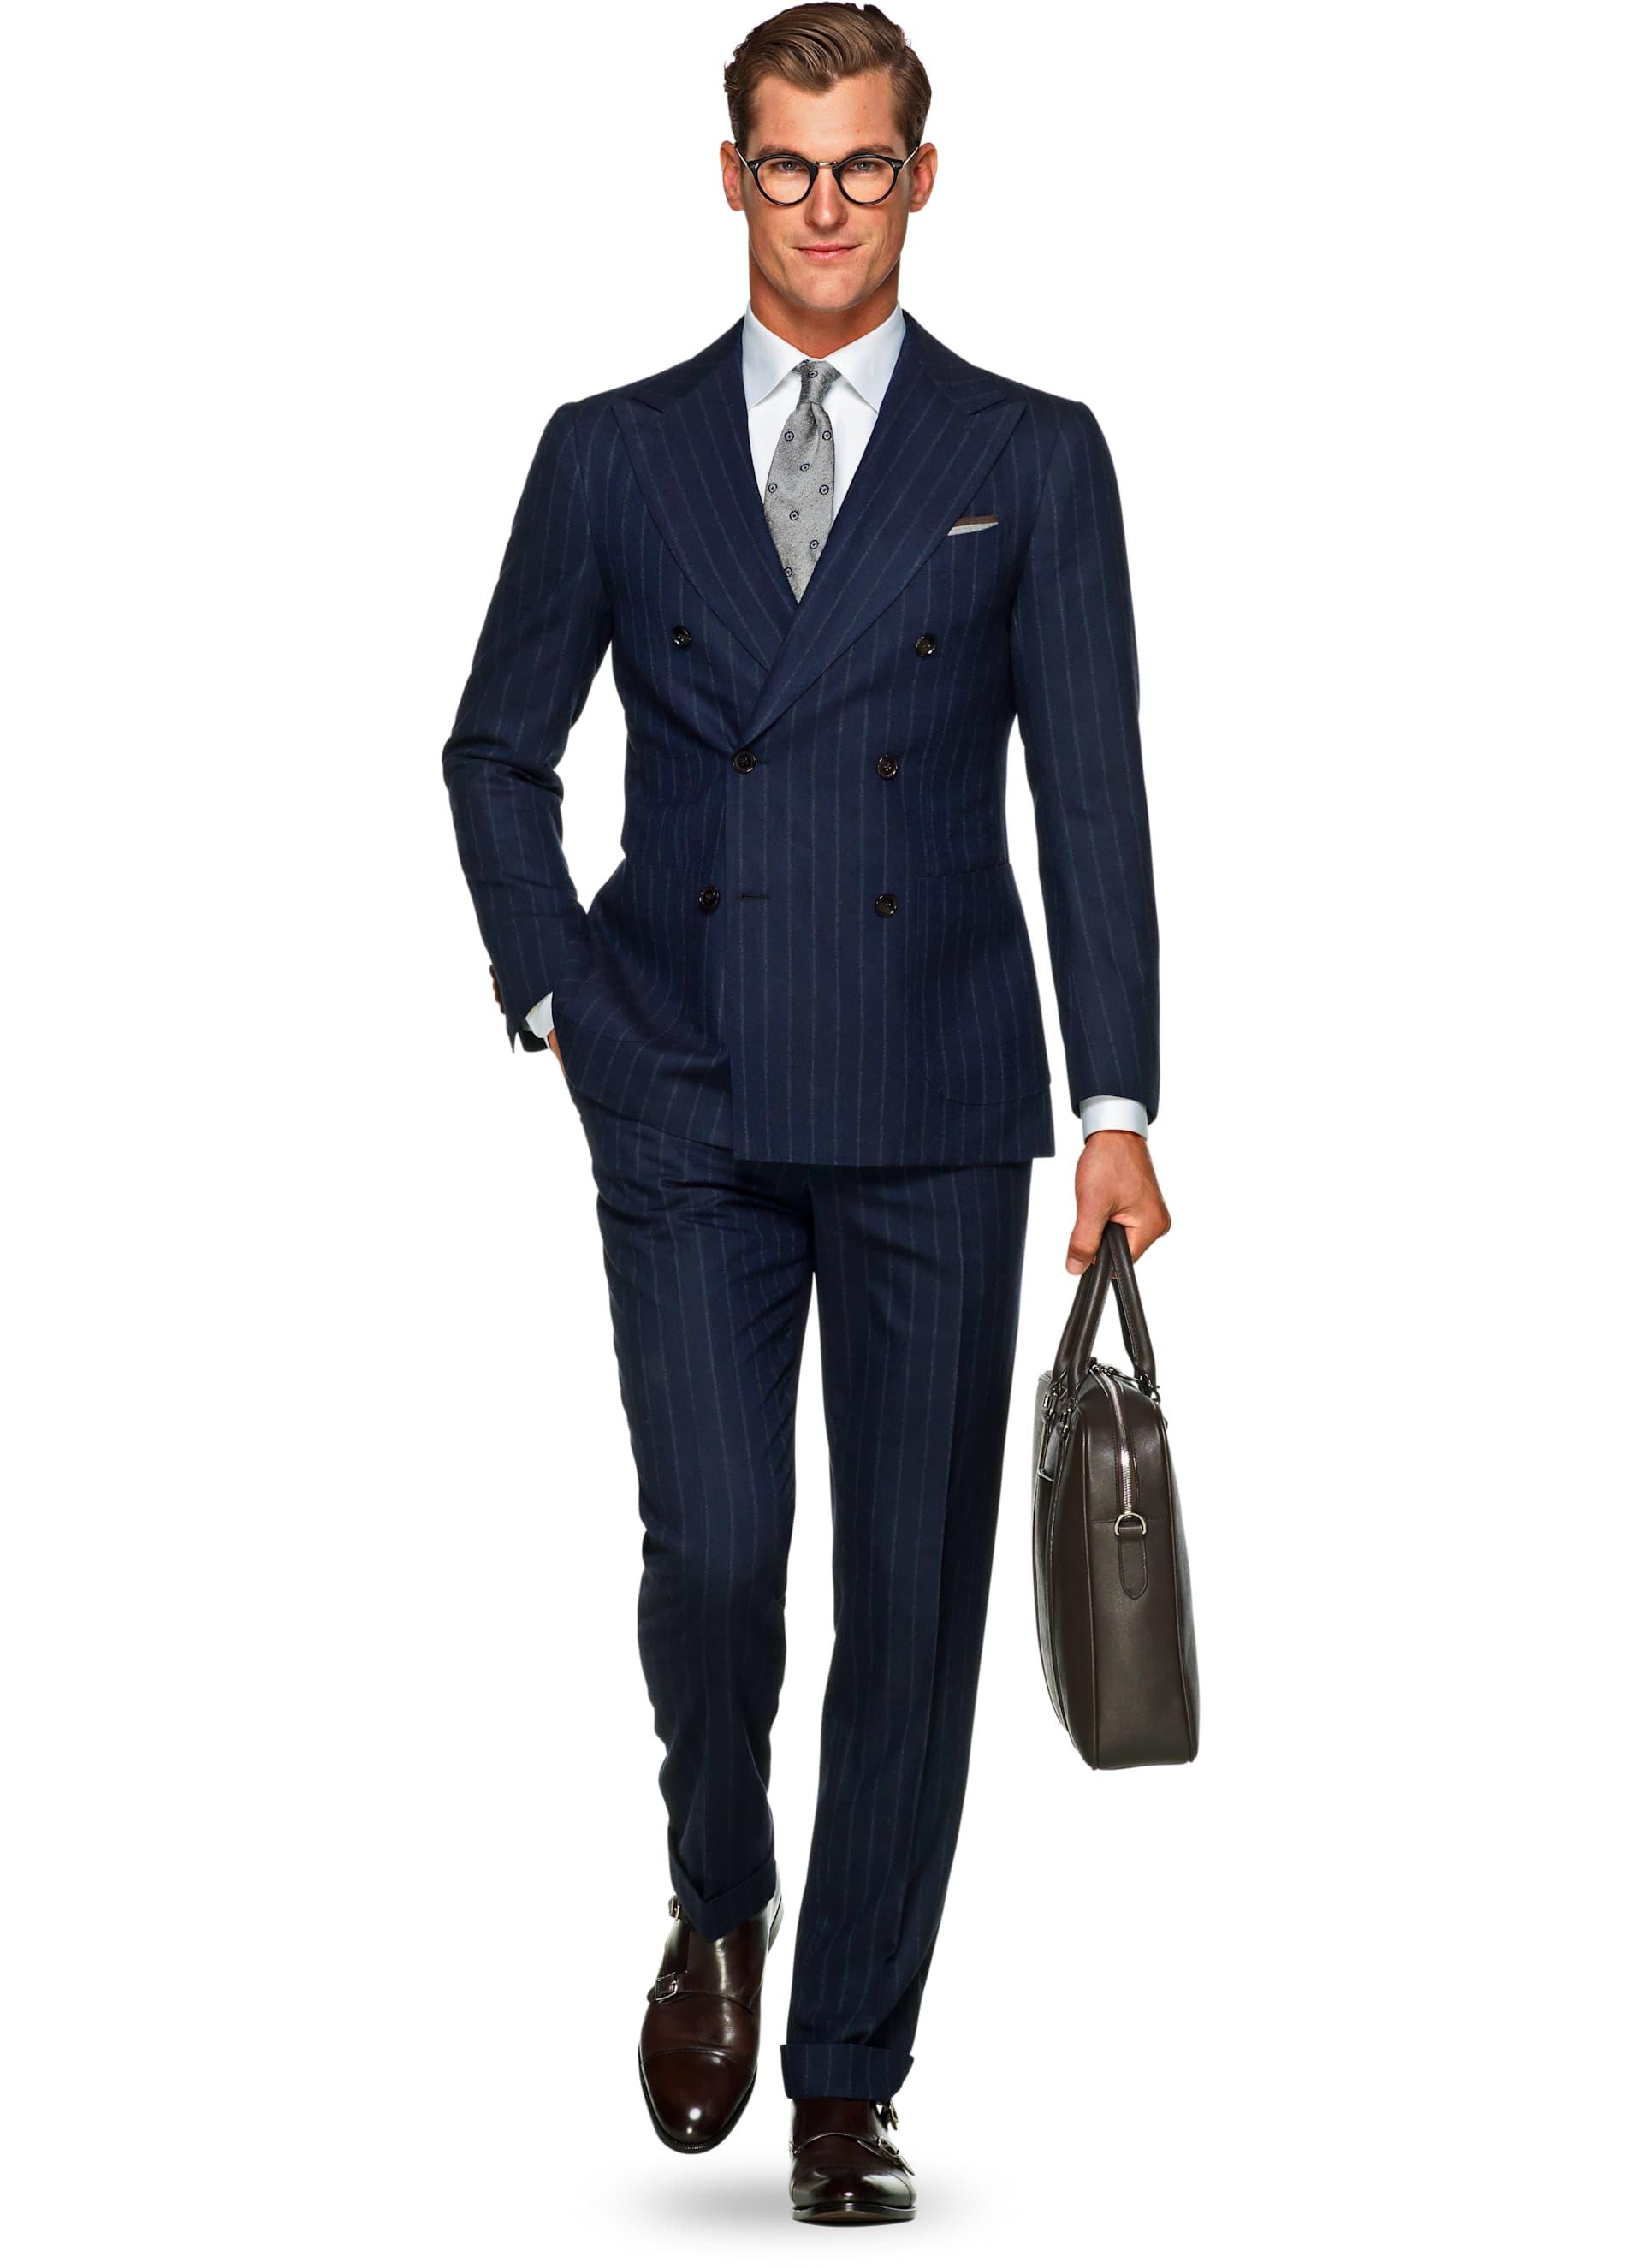 Dubbelknäppt kostym från Suitsupply med en högt placerad och kraftigt  vinklad gorge. Notera hur även knäppningen blir placerad högre upp och  slaget får en